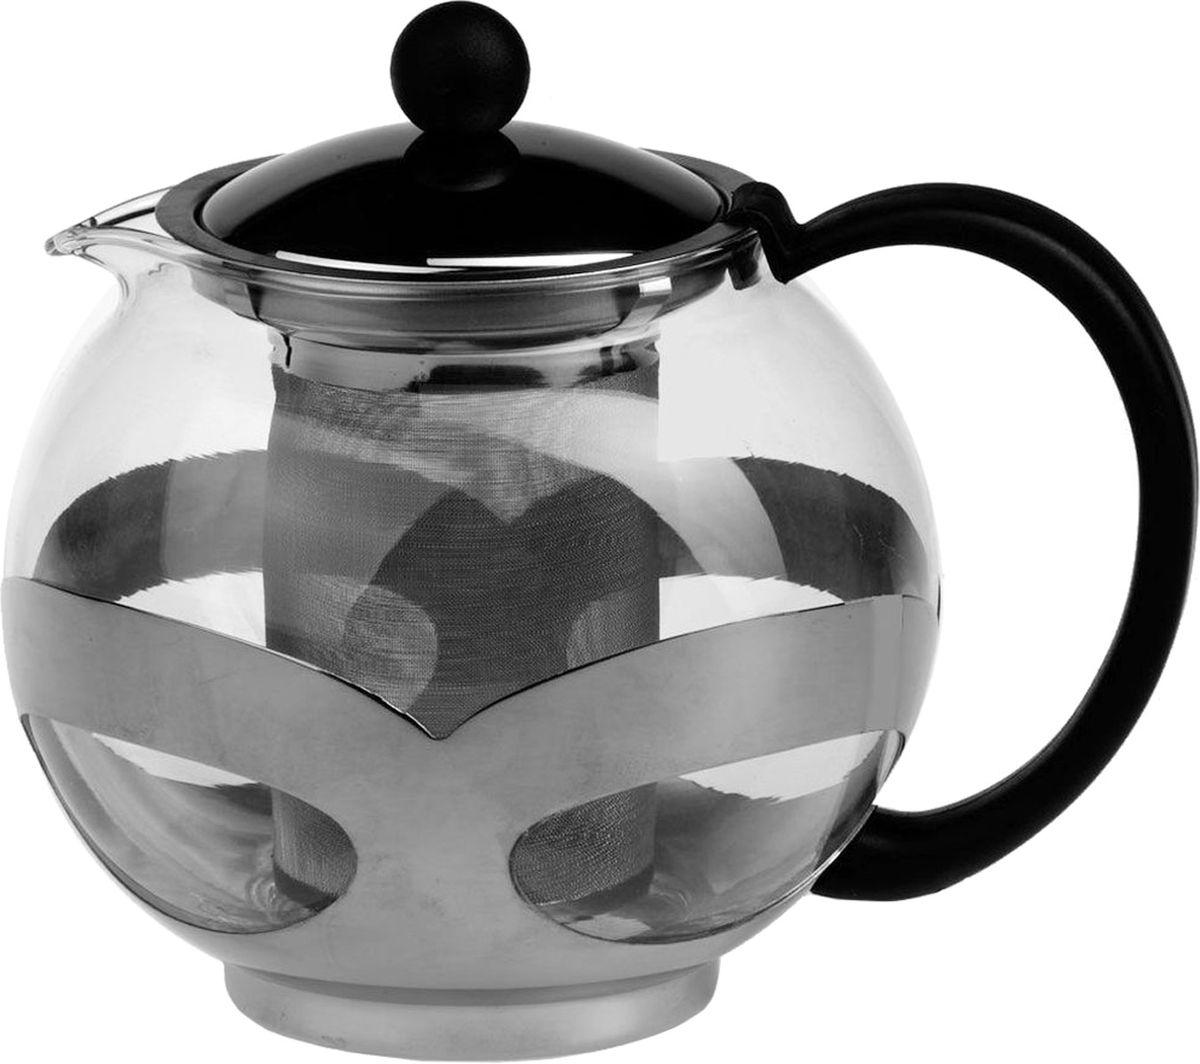 Чайник заварочный Gotoff, 750 мл. 82498249Чайник заварочный стеклян. V=750 мл